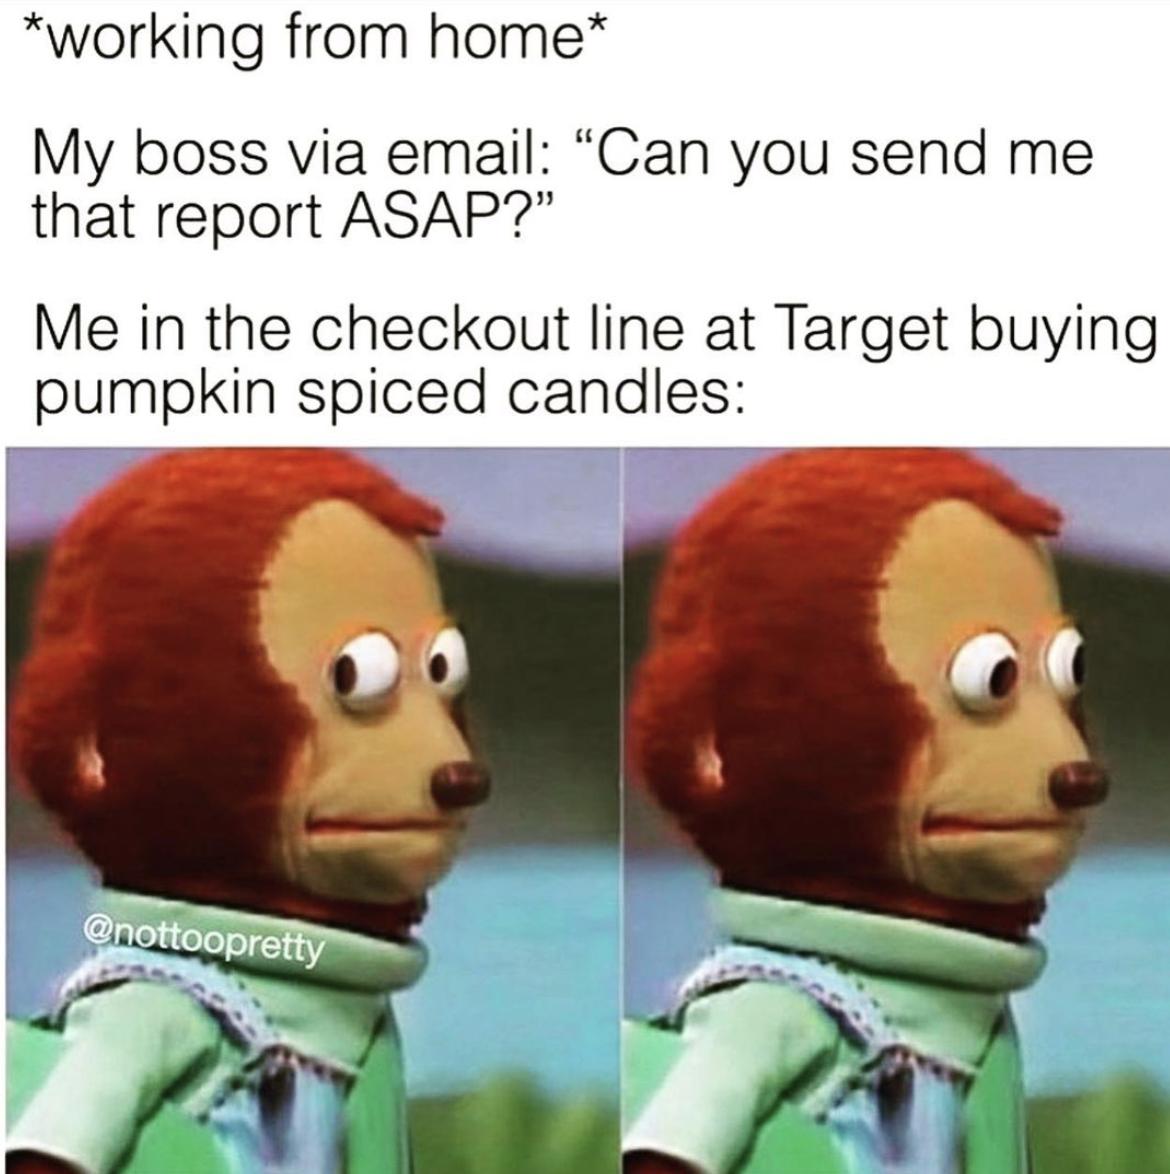 Shopping at Target while working meme